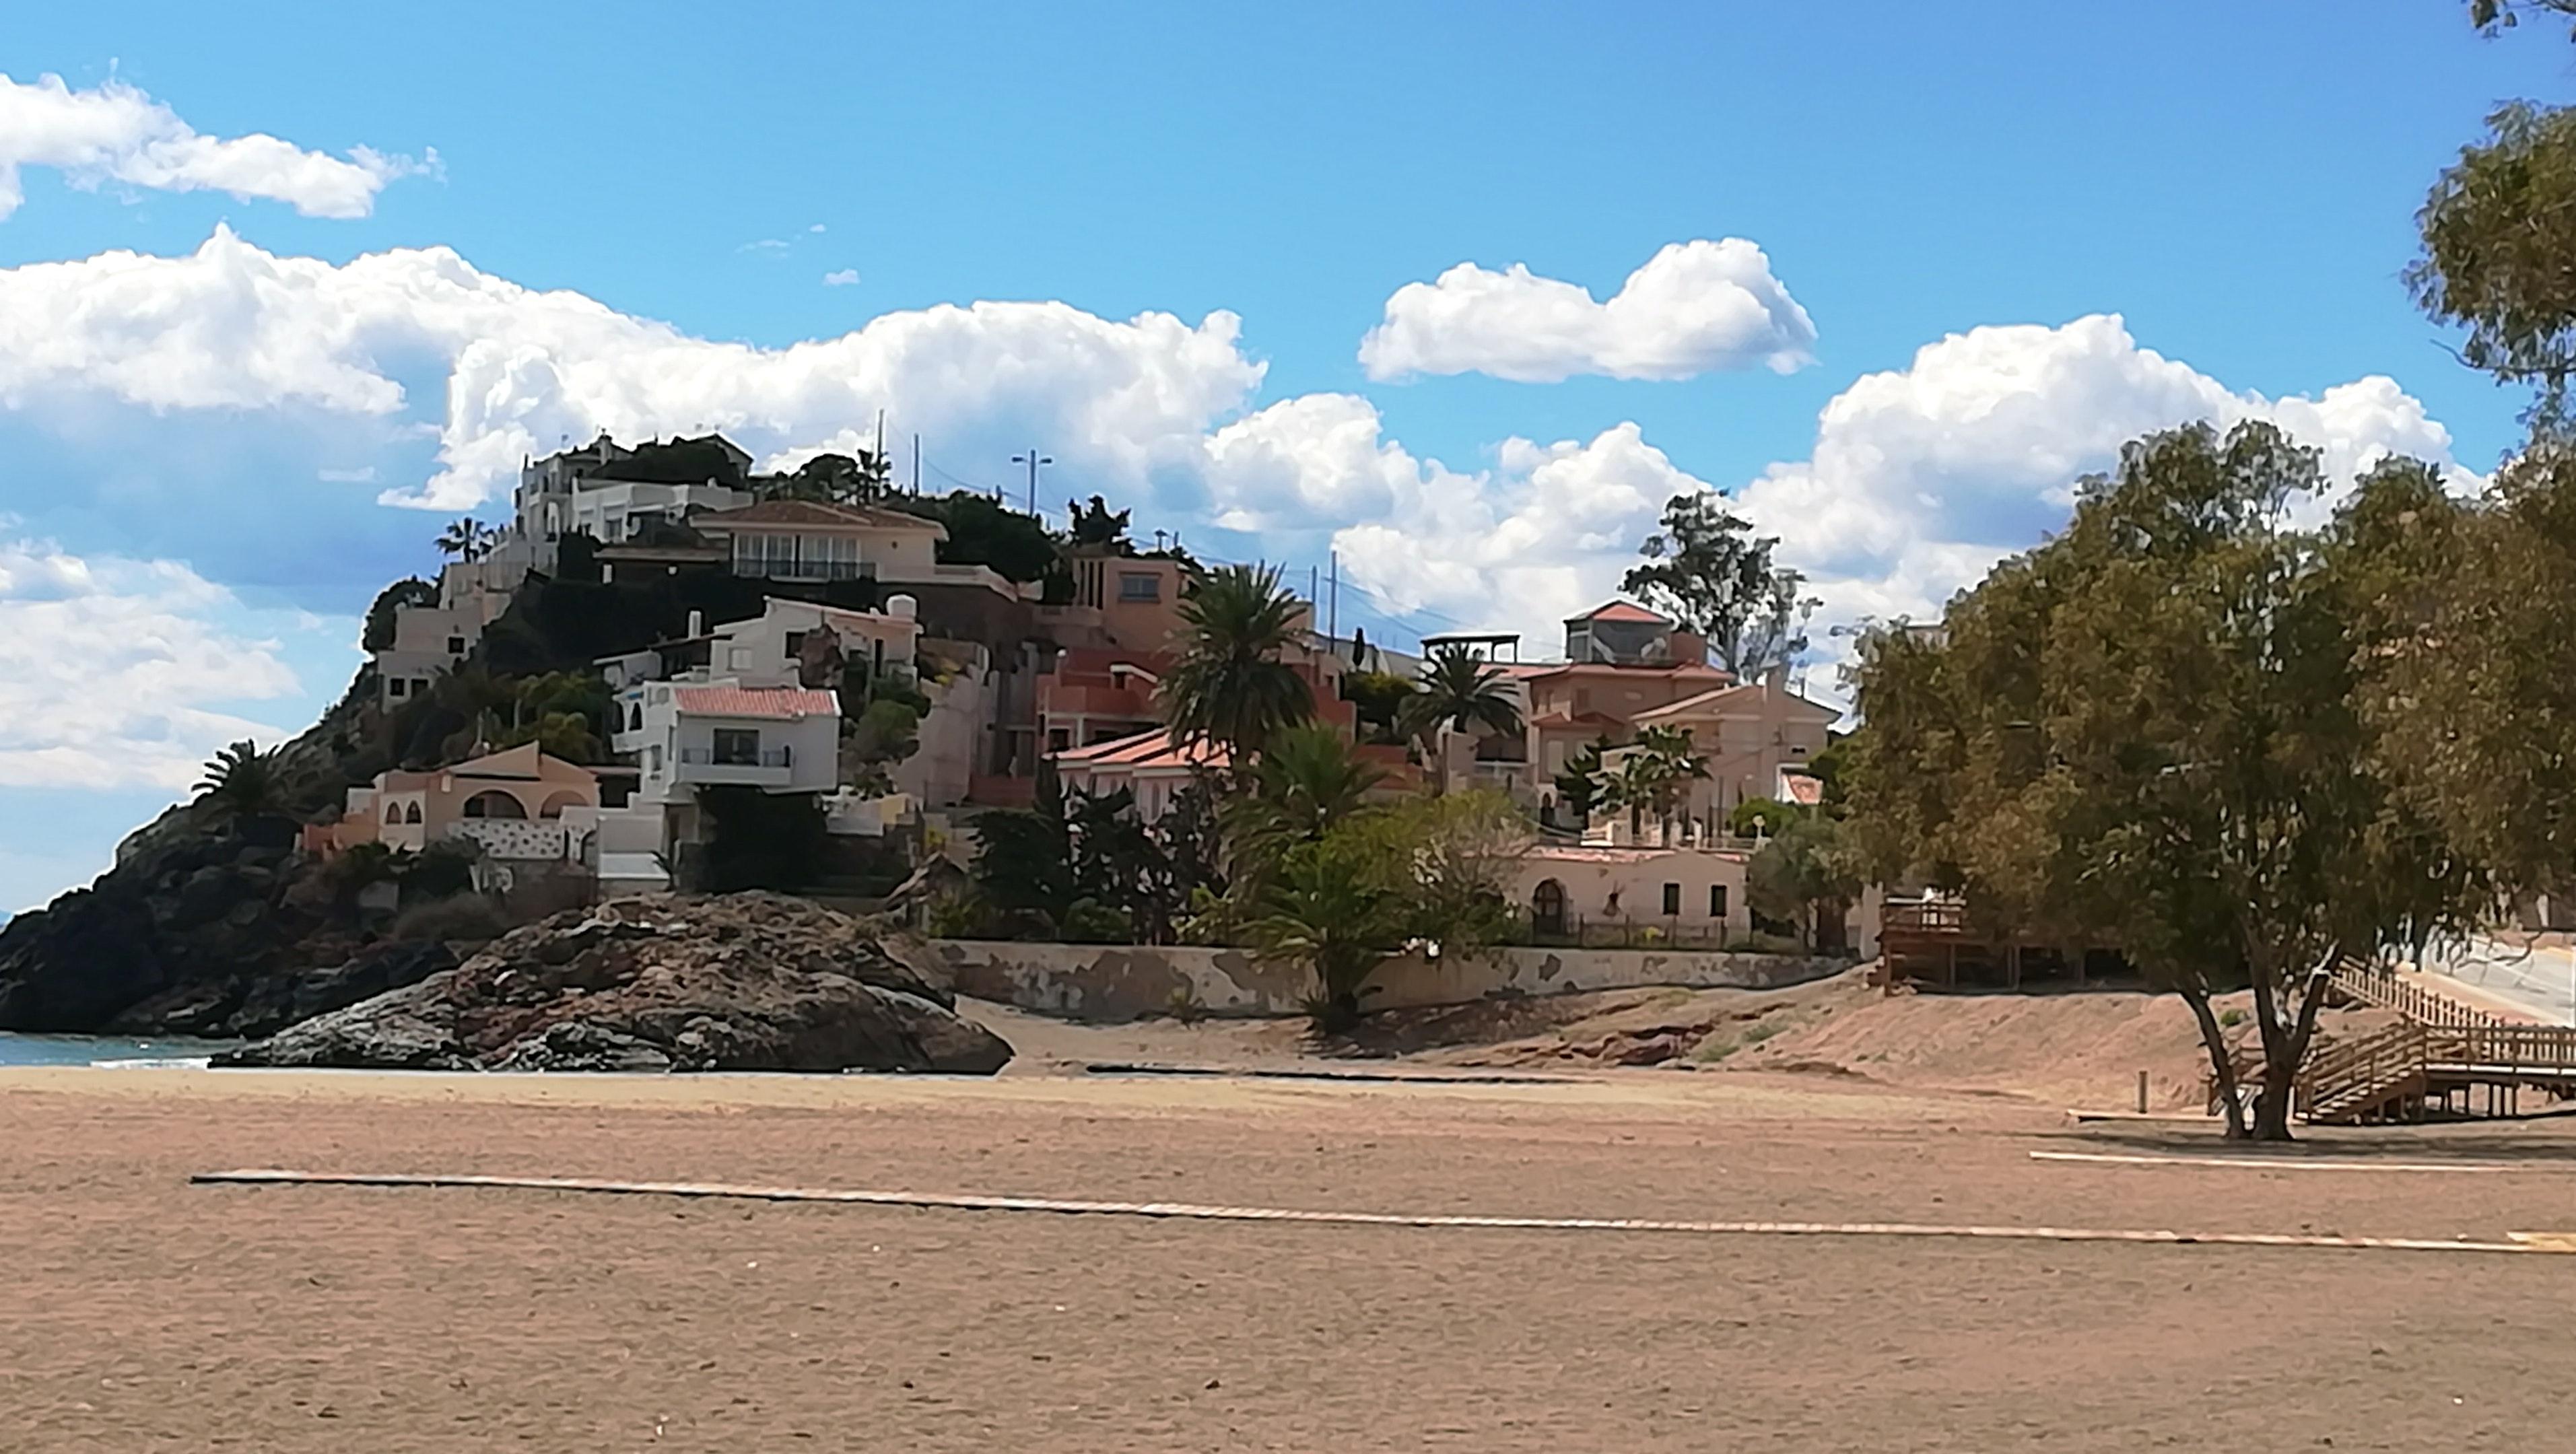 Appartement de vacances Wohnung mit 2 Schlafzimmern in Mazarrón mit toller Aussicht auf die Berge, privatem Pool,  (2632538), Mazarron, Costa Calida, Murcie, Espagne, image 32